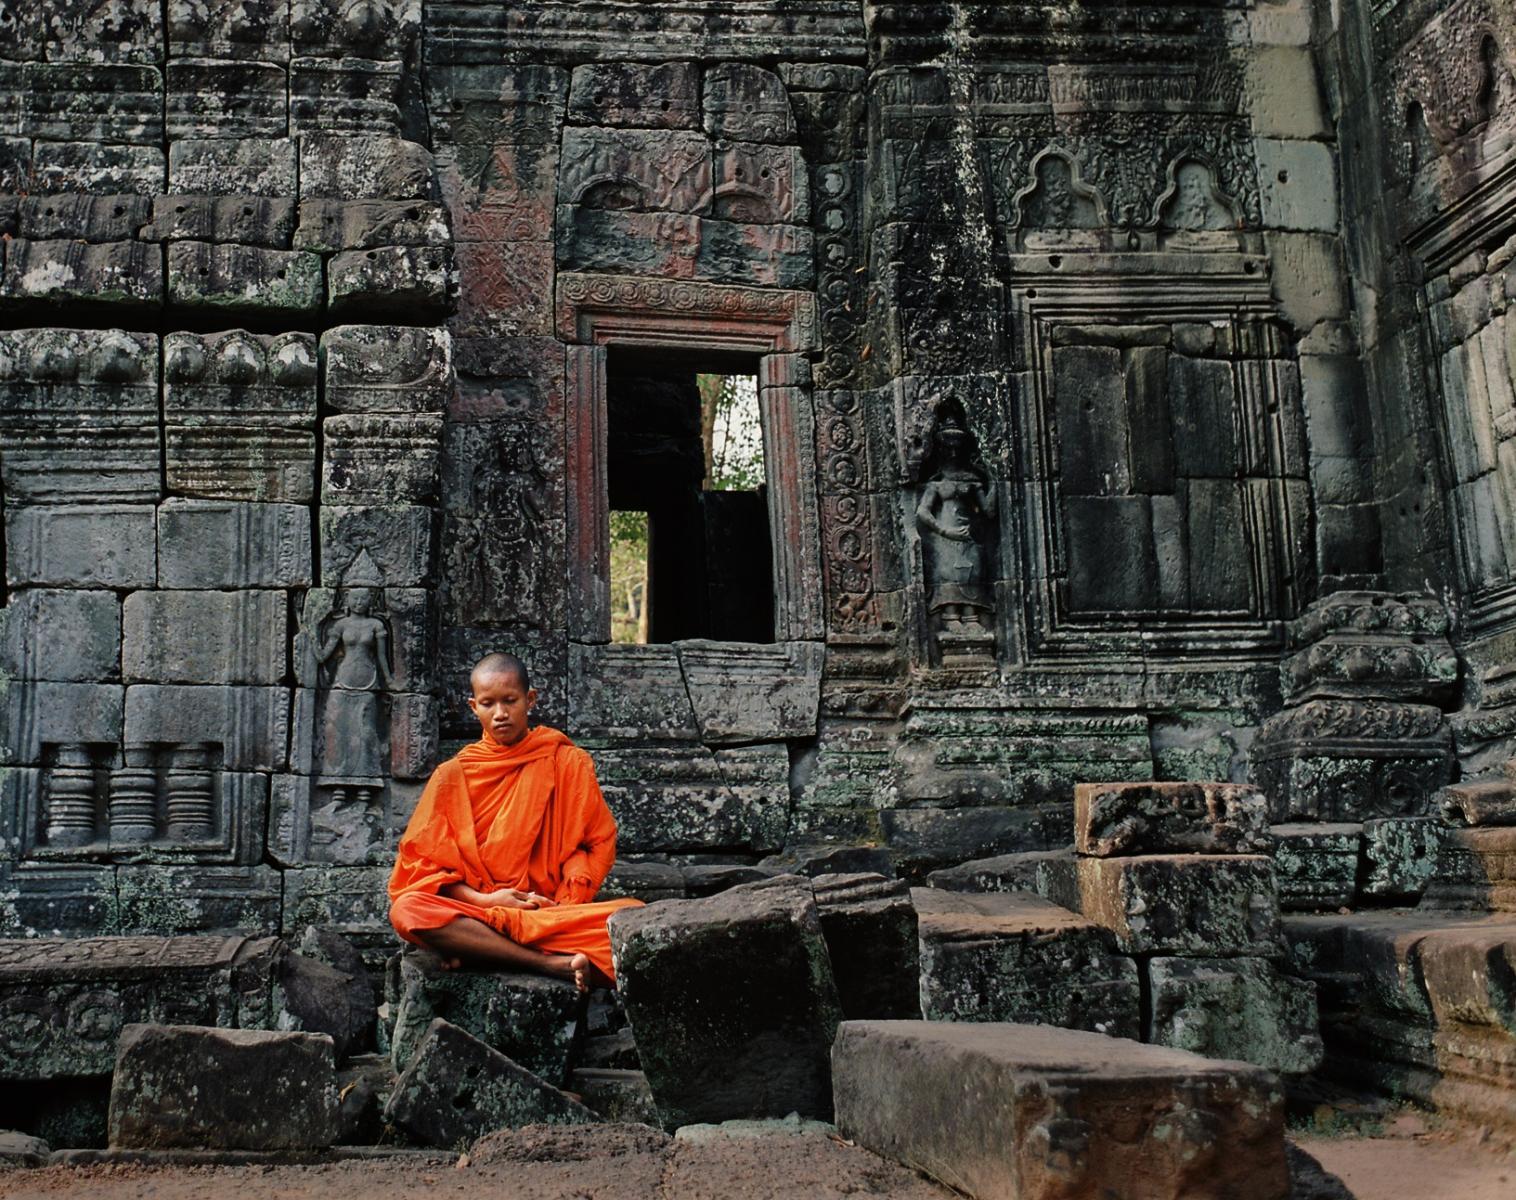 Cambodge  Voyage photographique au Cambodge et à Angkor : Des Dieux et des Hommes   Découverte Photo Rencontres et cultures du Monde